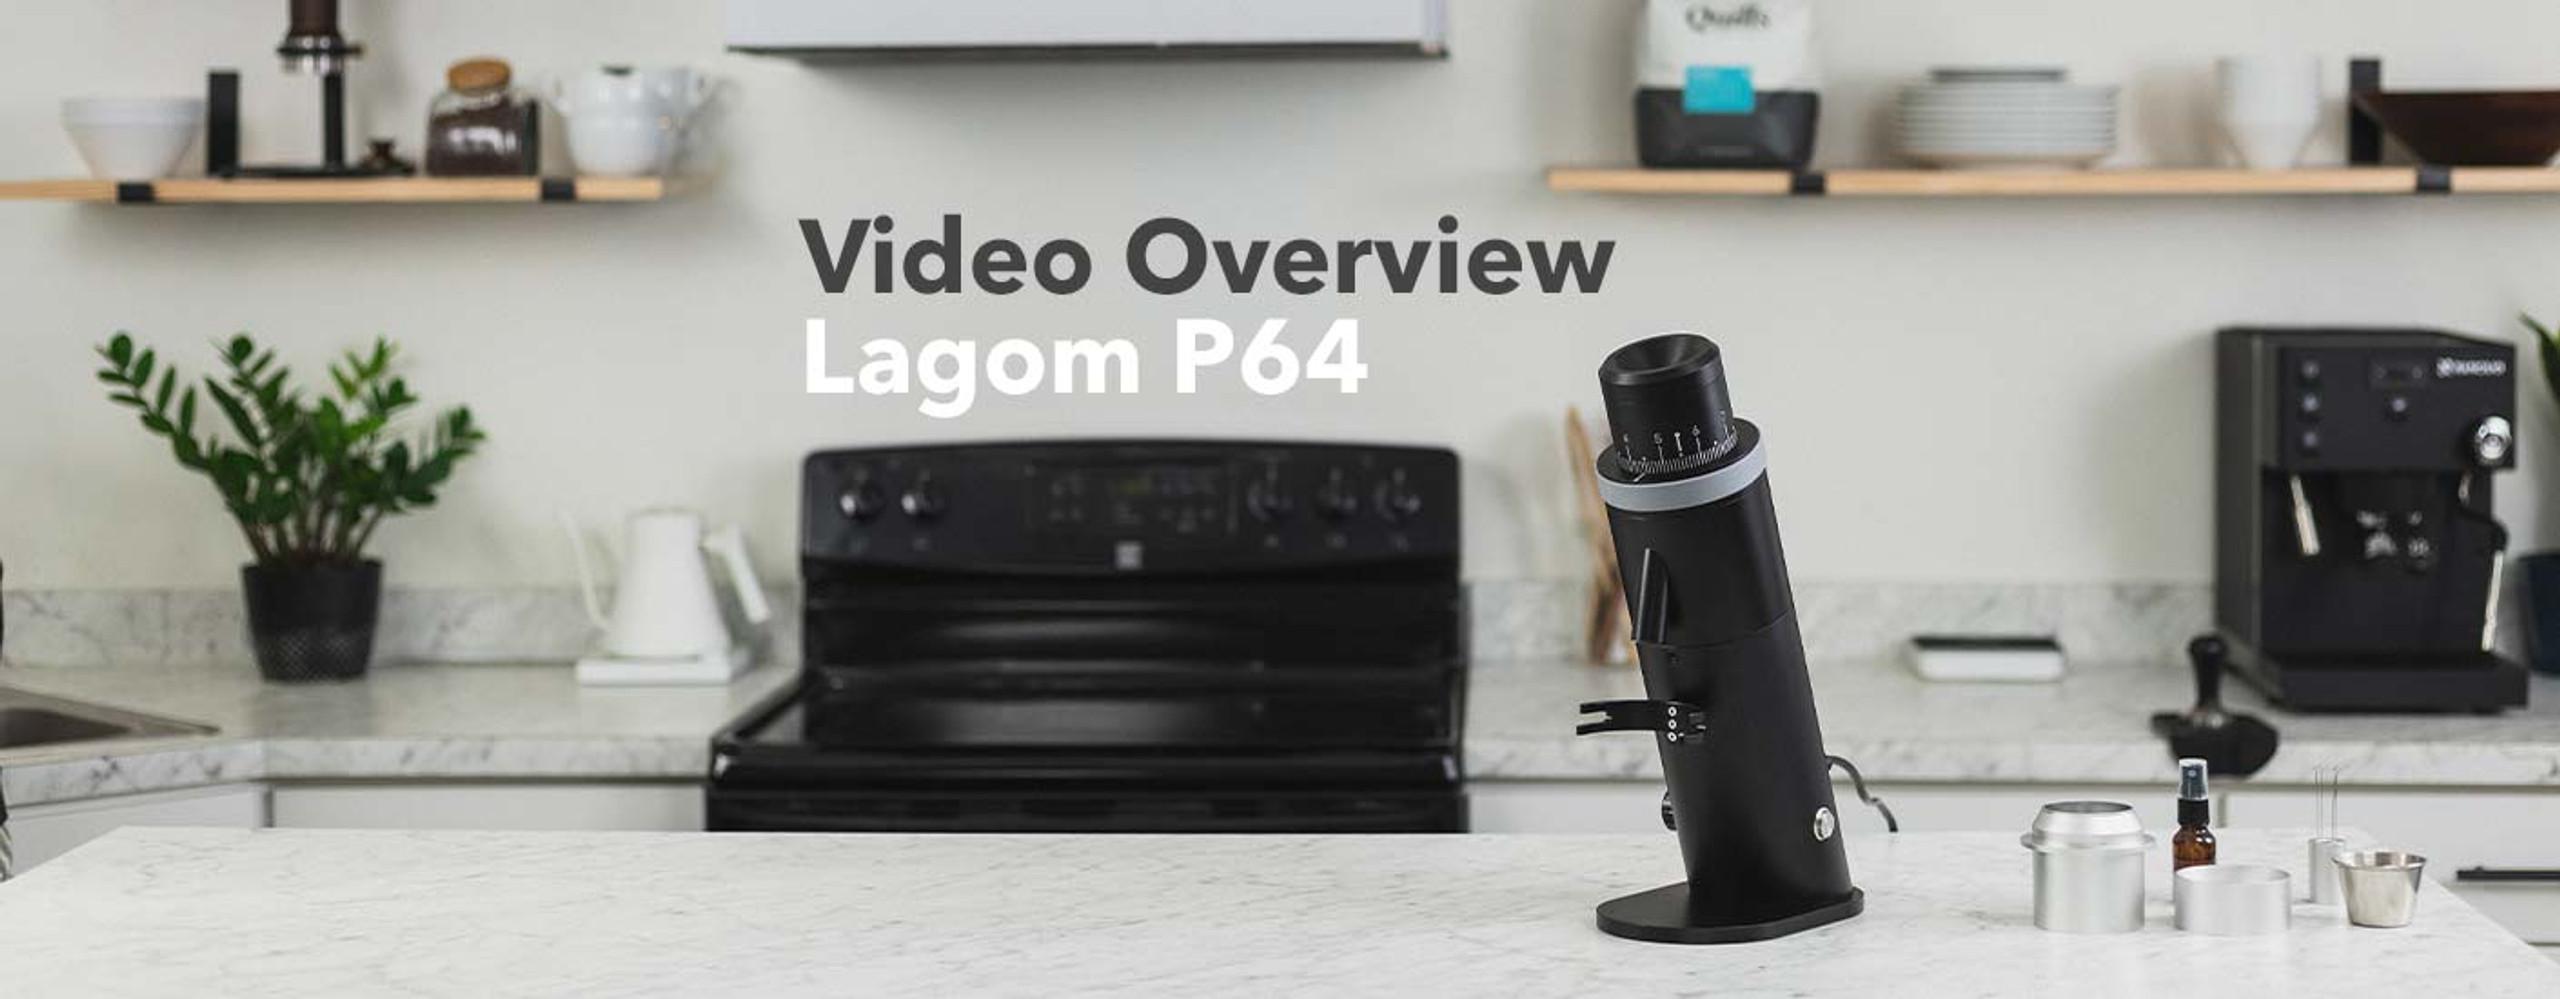 Lagom P64